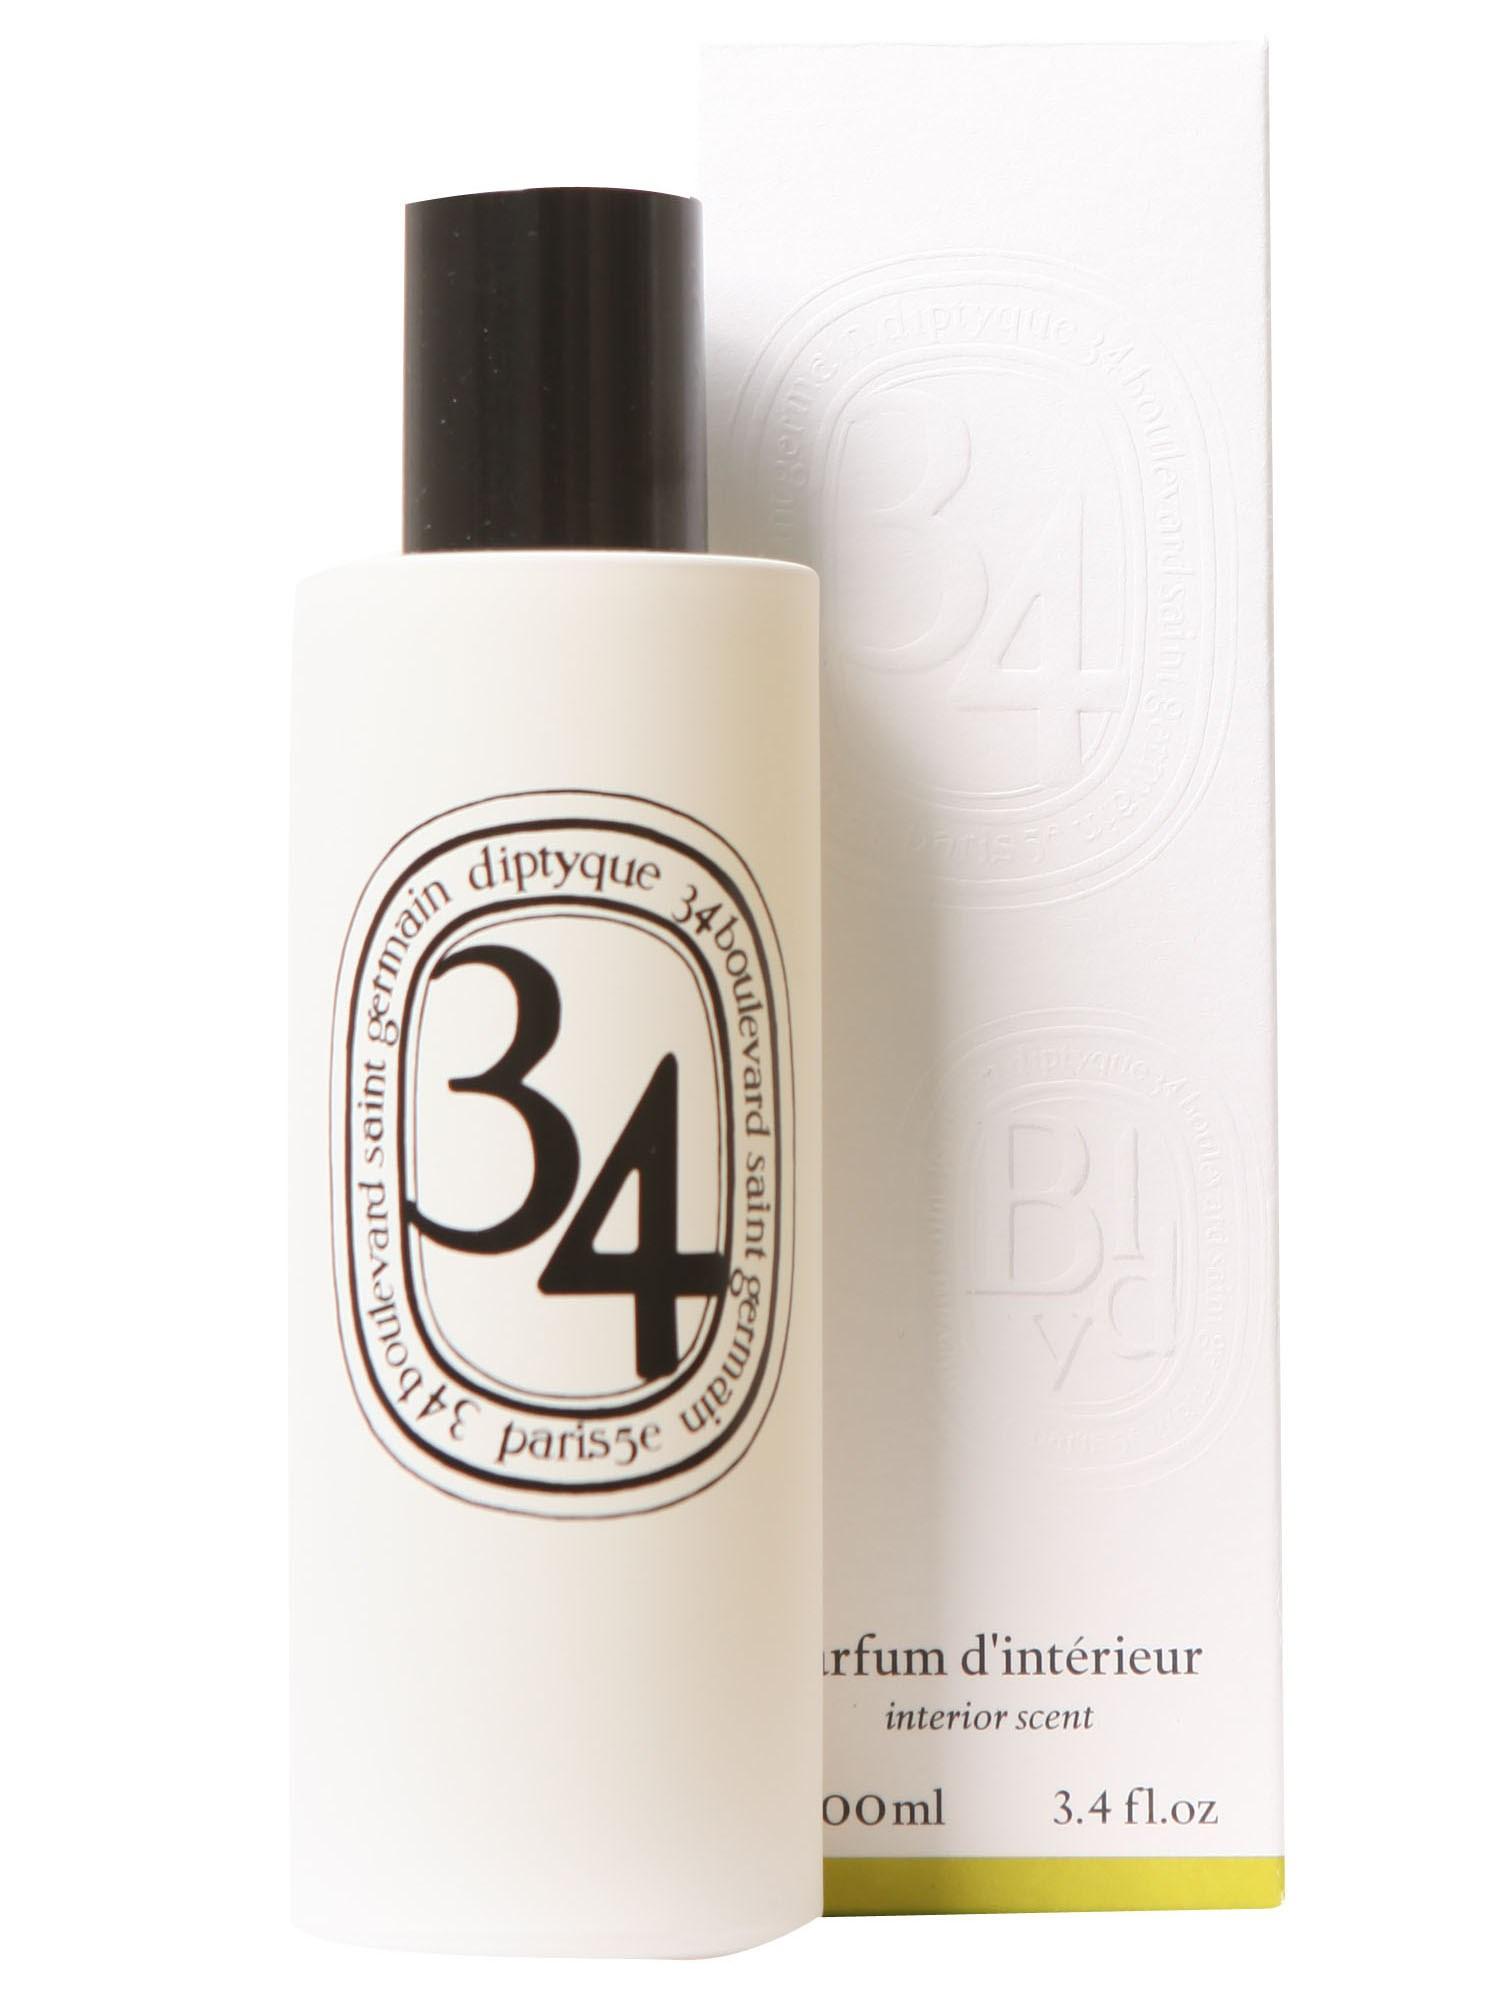 diptyque perfumo 34